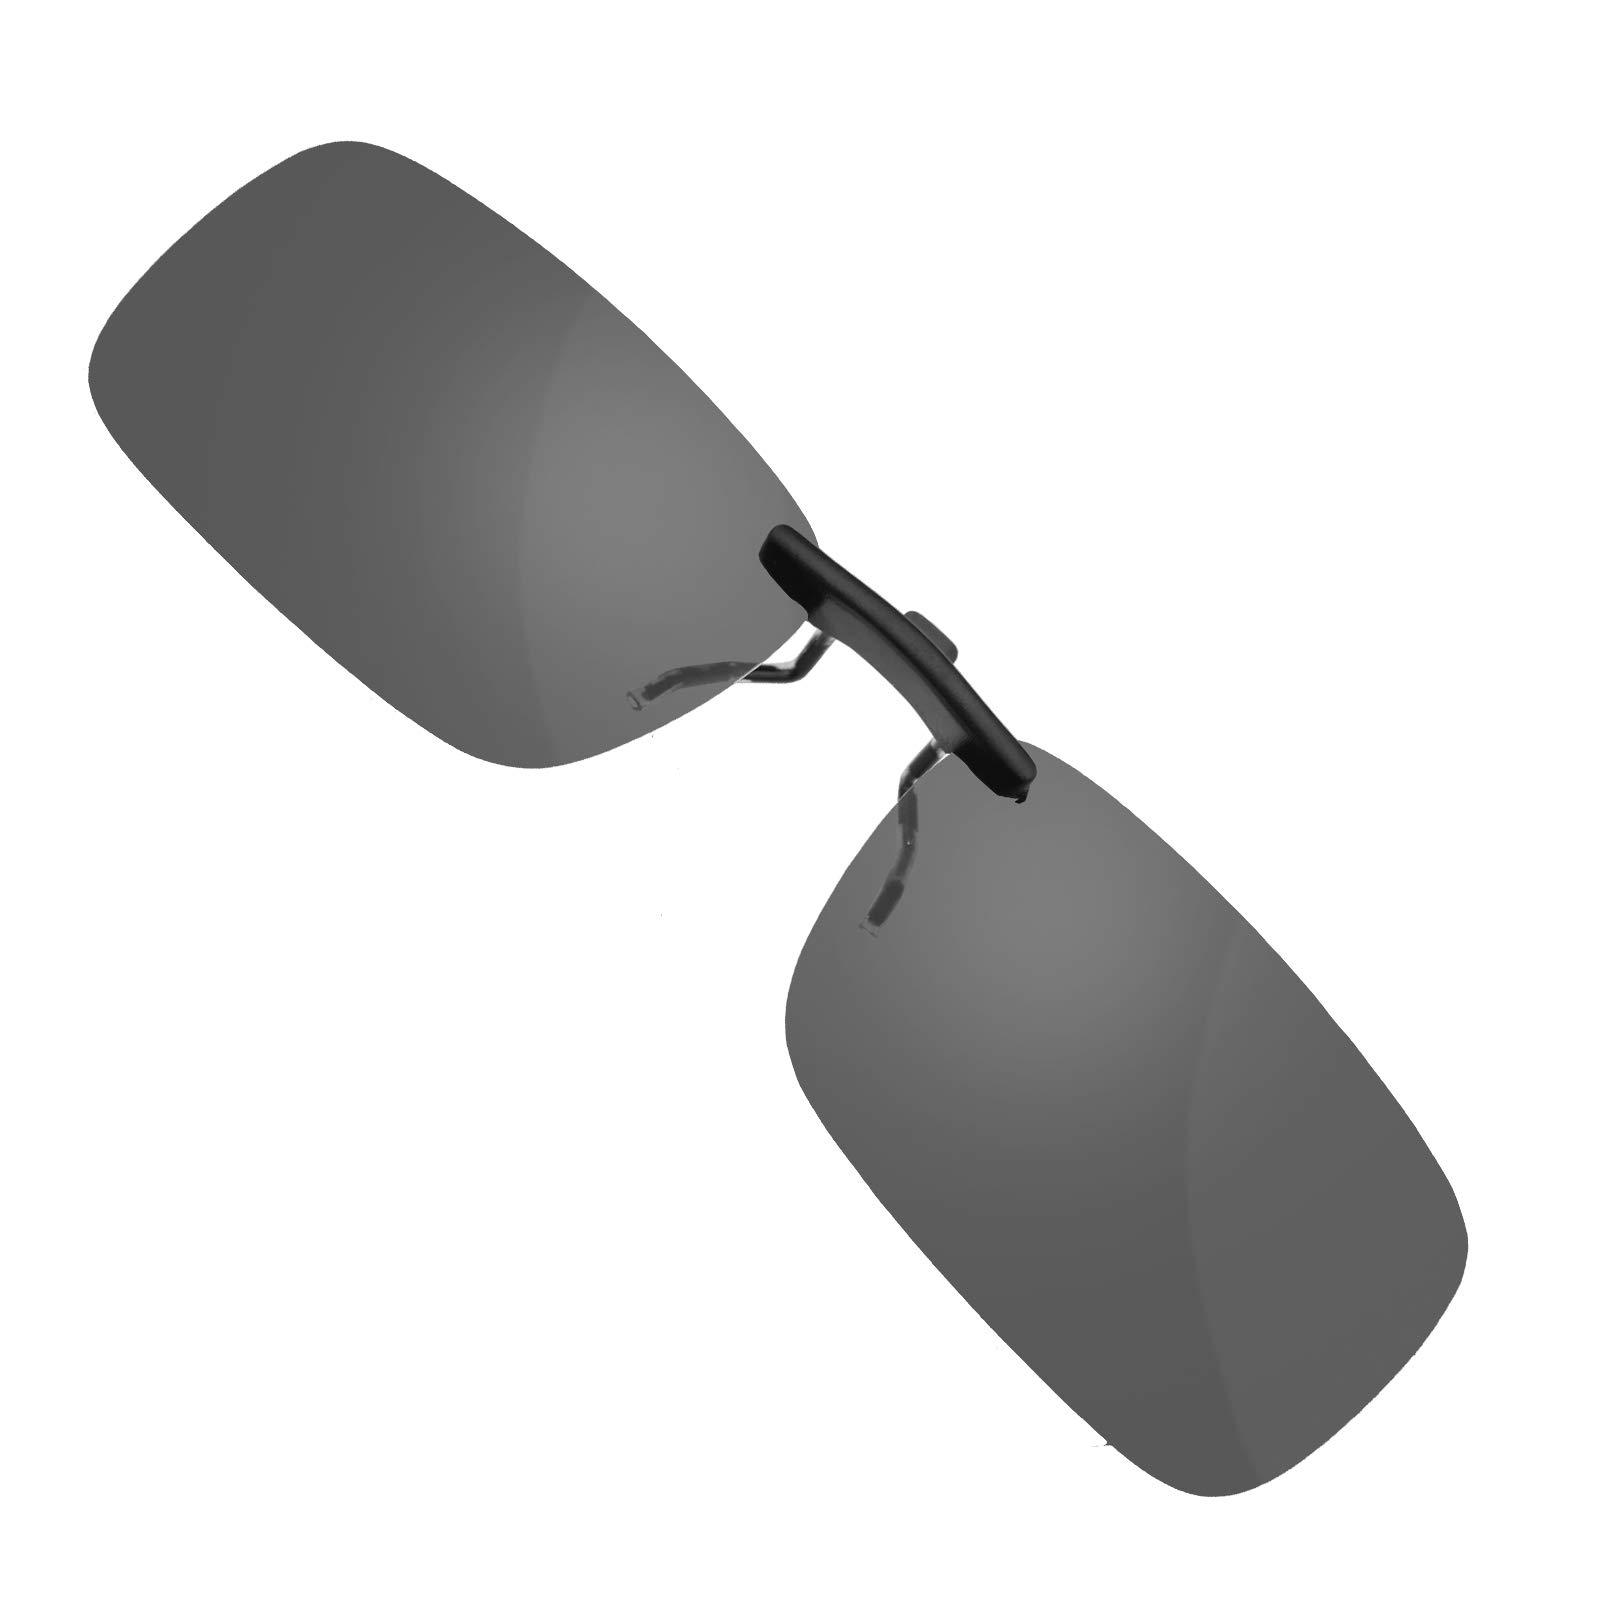 Frameless Driving Polarized Clip-on Glasses Lens Sunglasses UV400 Dark Grey